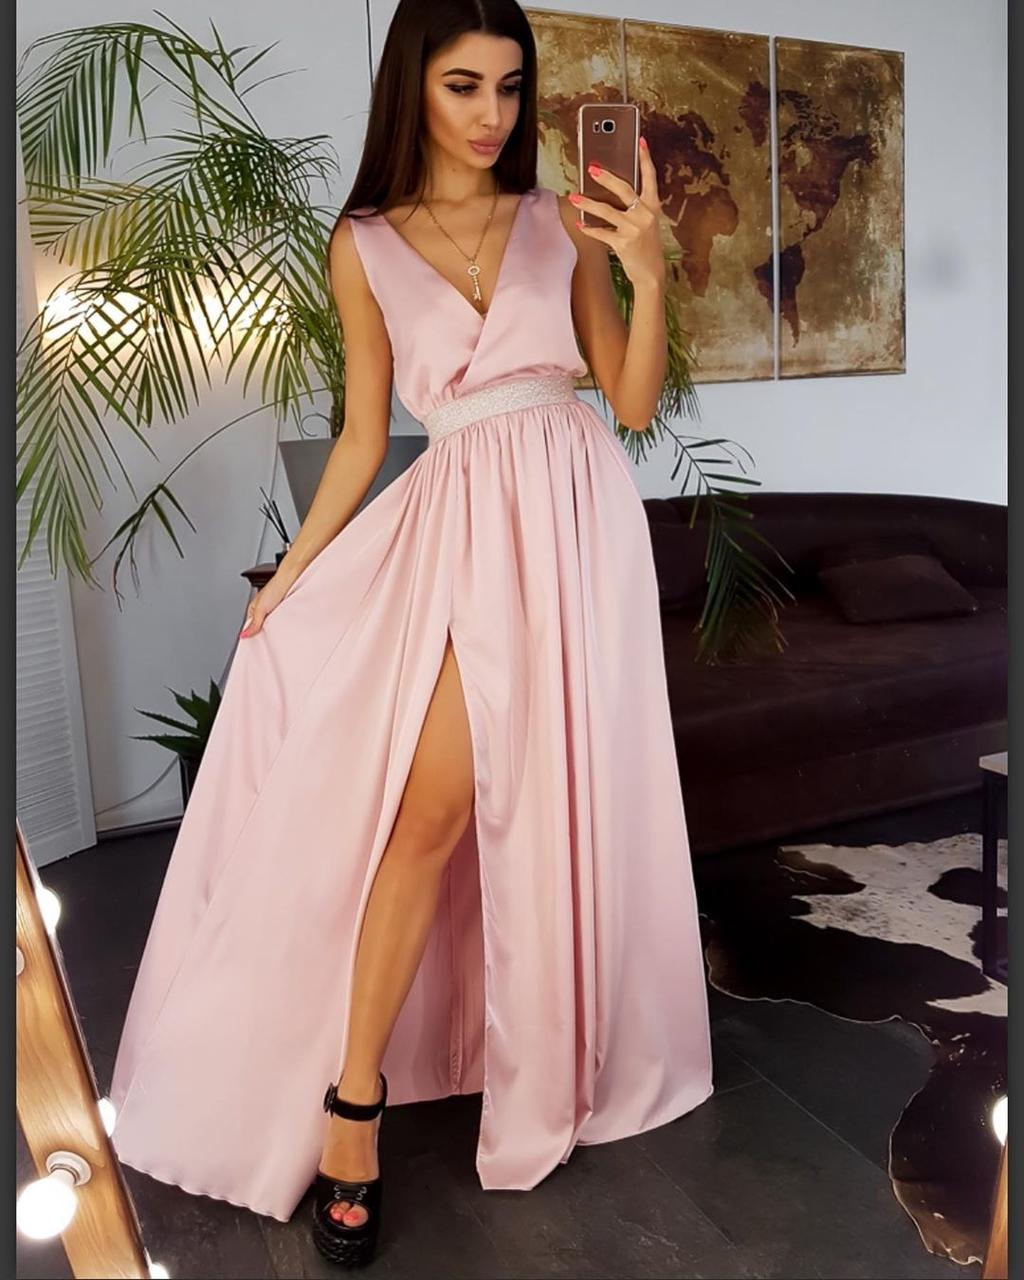 Вечернее платье в пол. Атлас и пайетки